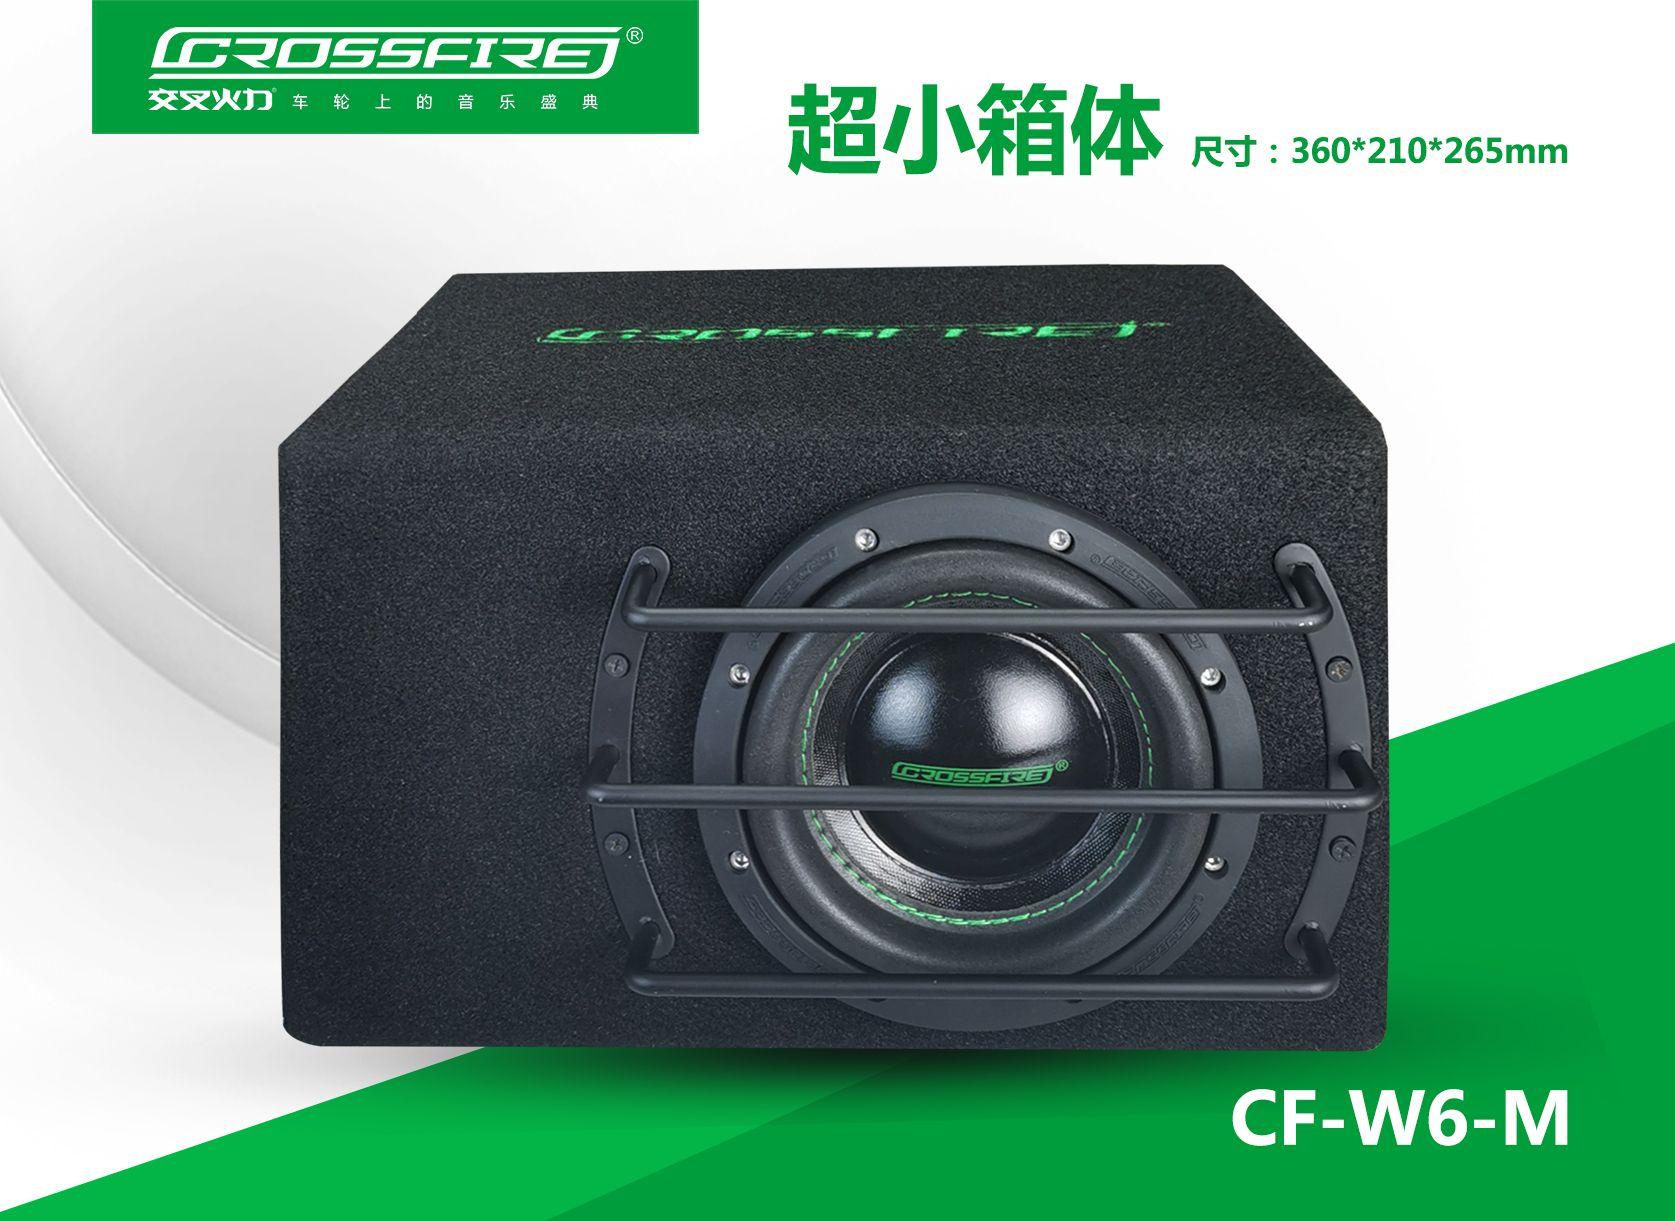 CF-W6-M